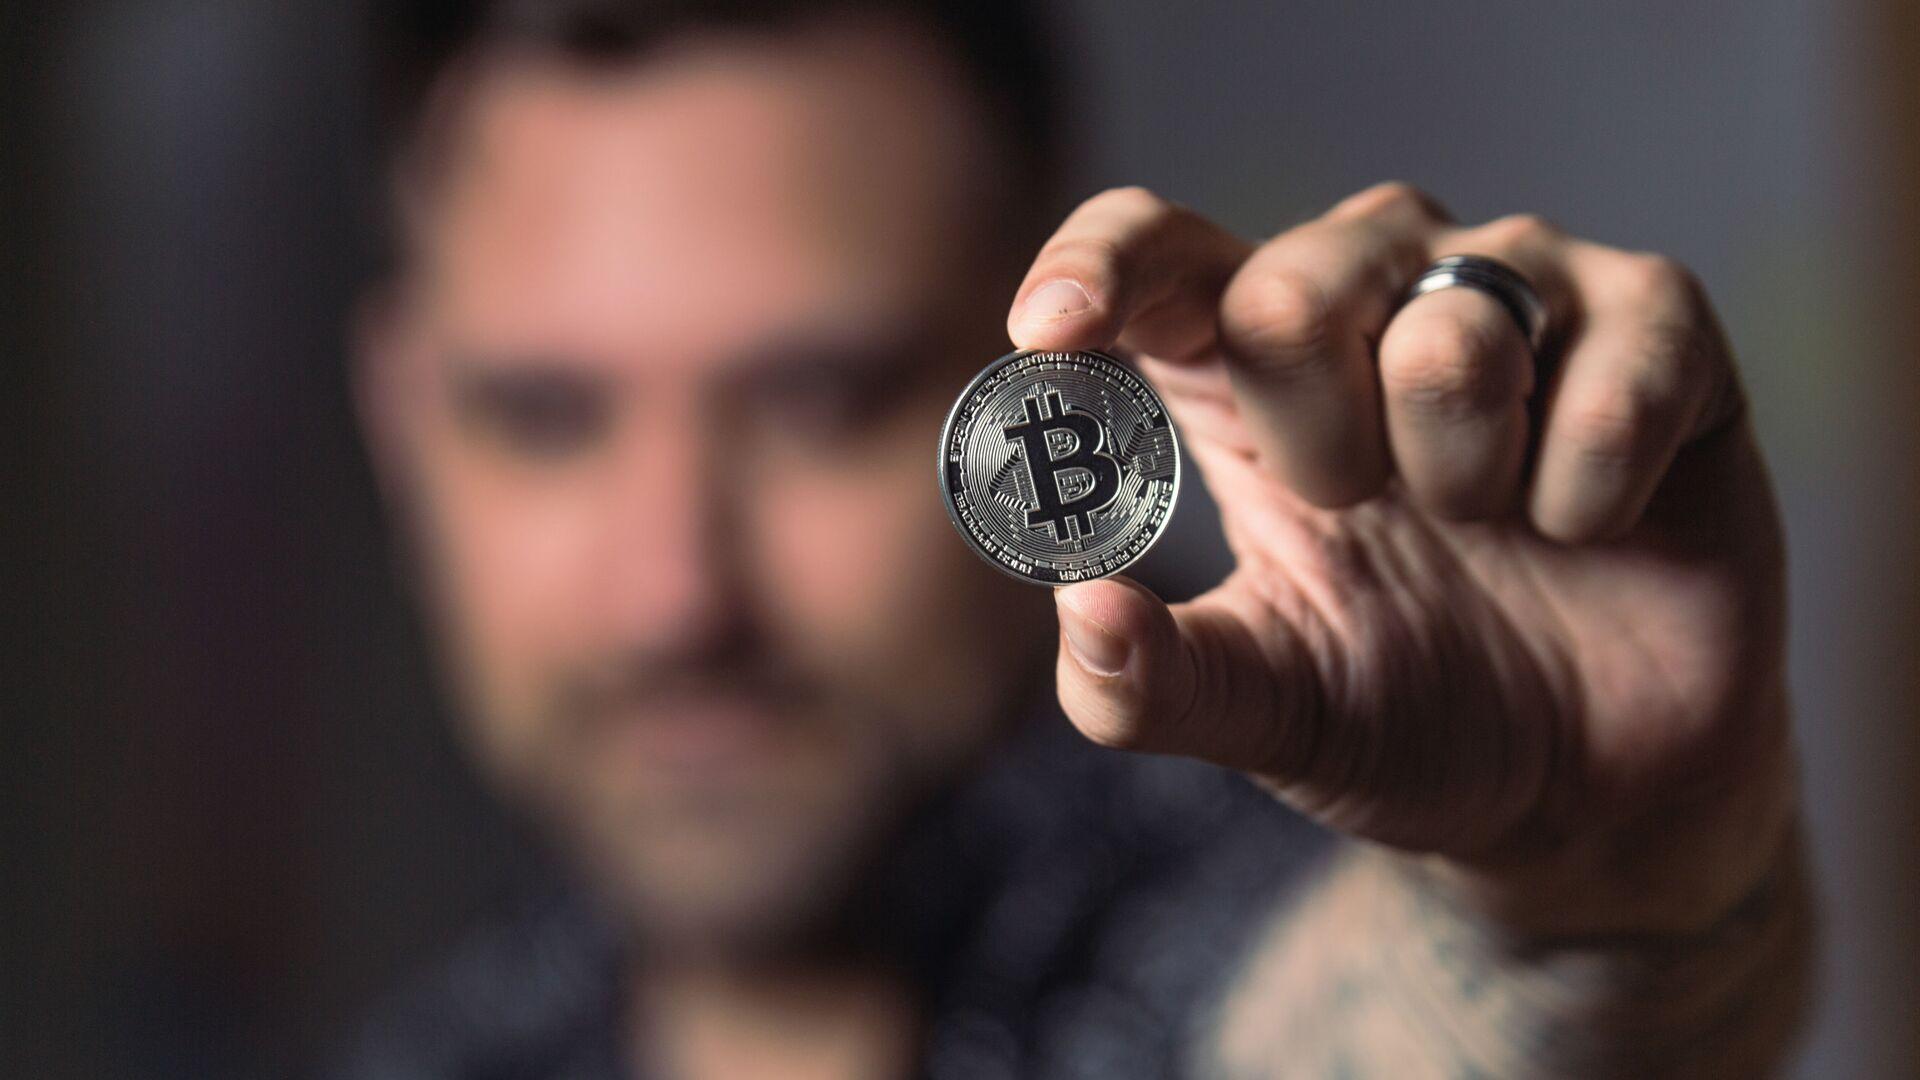 Una persona con una moneda de bitcóin - Sputnik Mundo, 1920, 16.02.2021